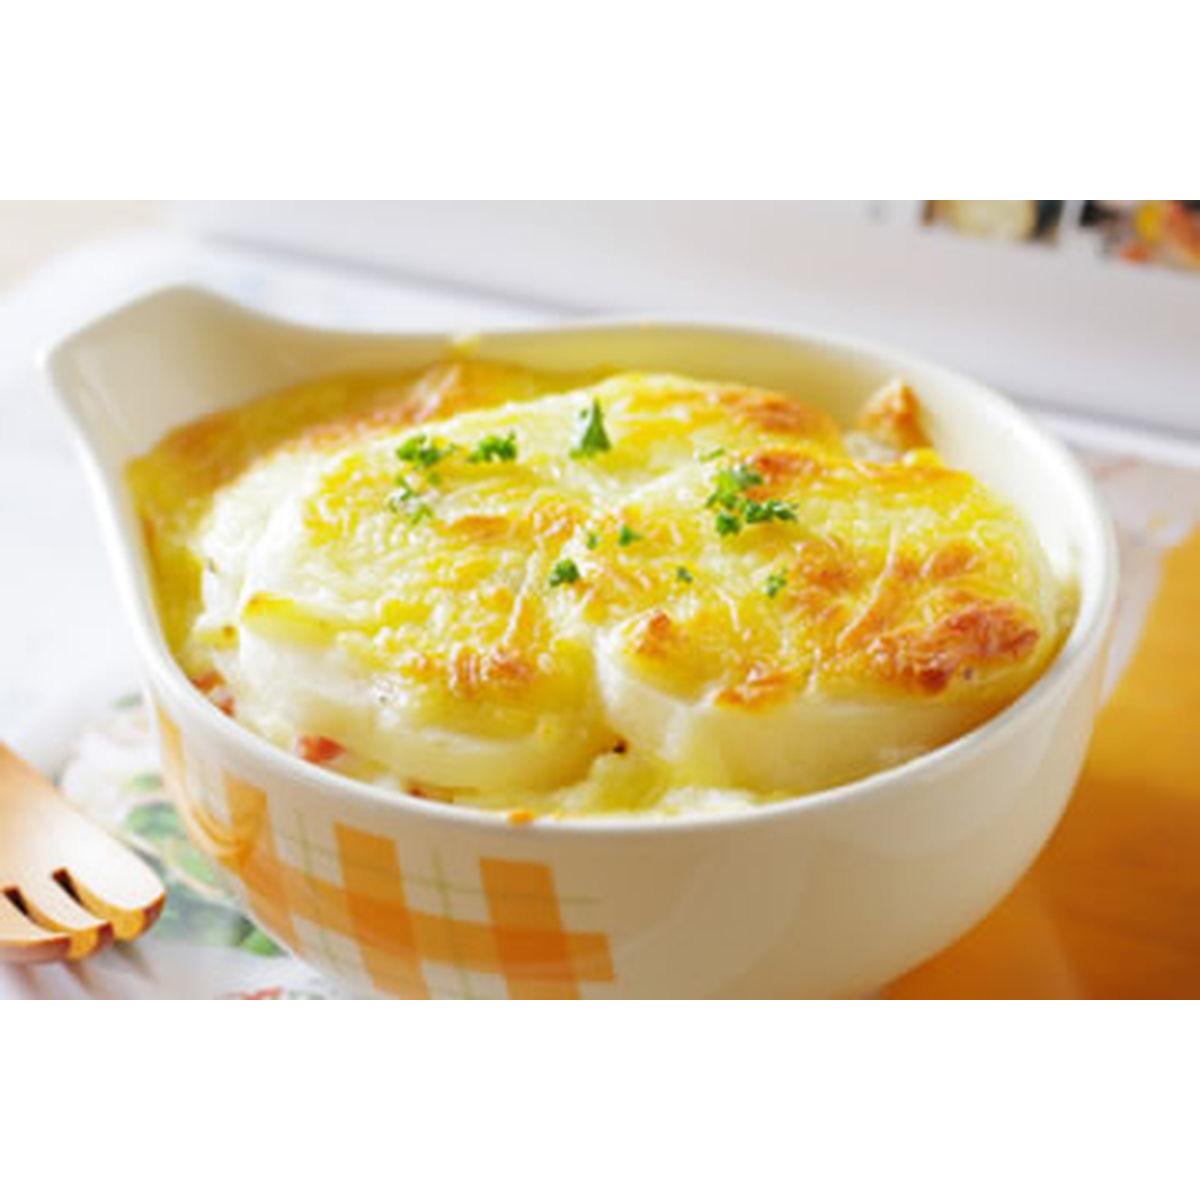 食譜:火腿馬鈴薯焗起司